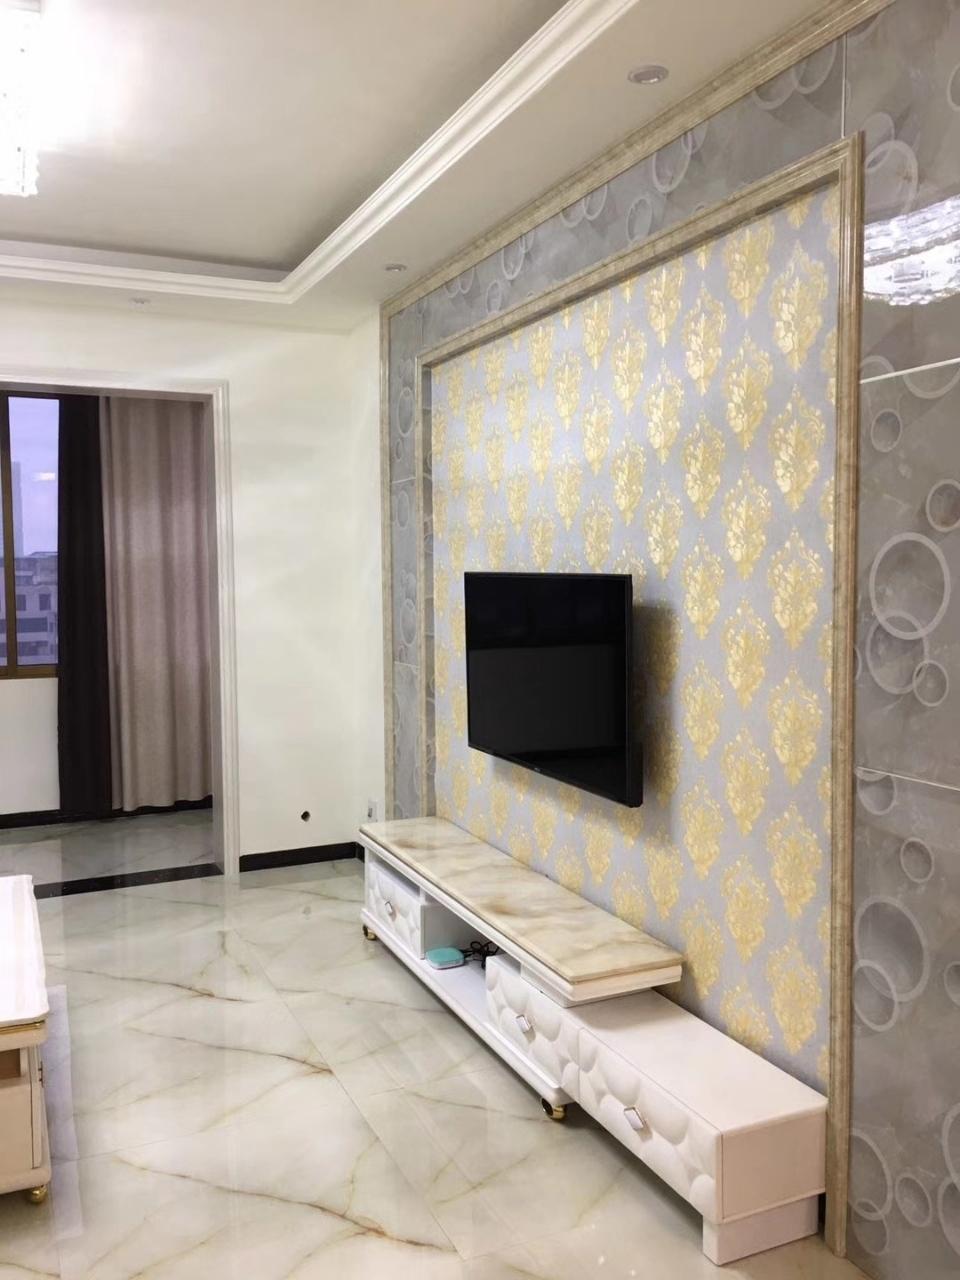 张家沟电梯公寓2室2厅1卫36.8万元